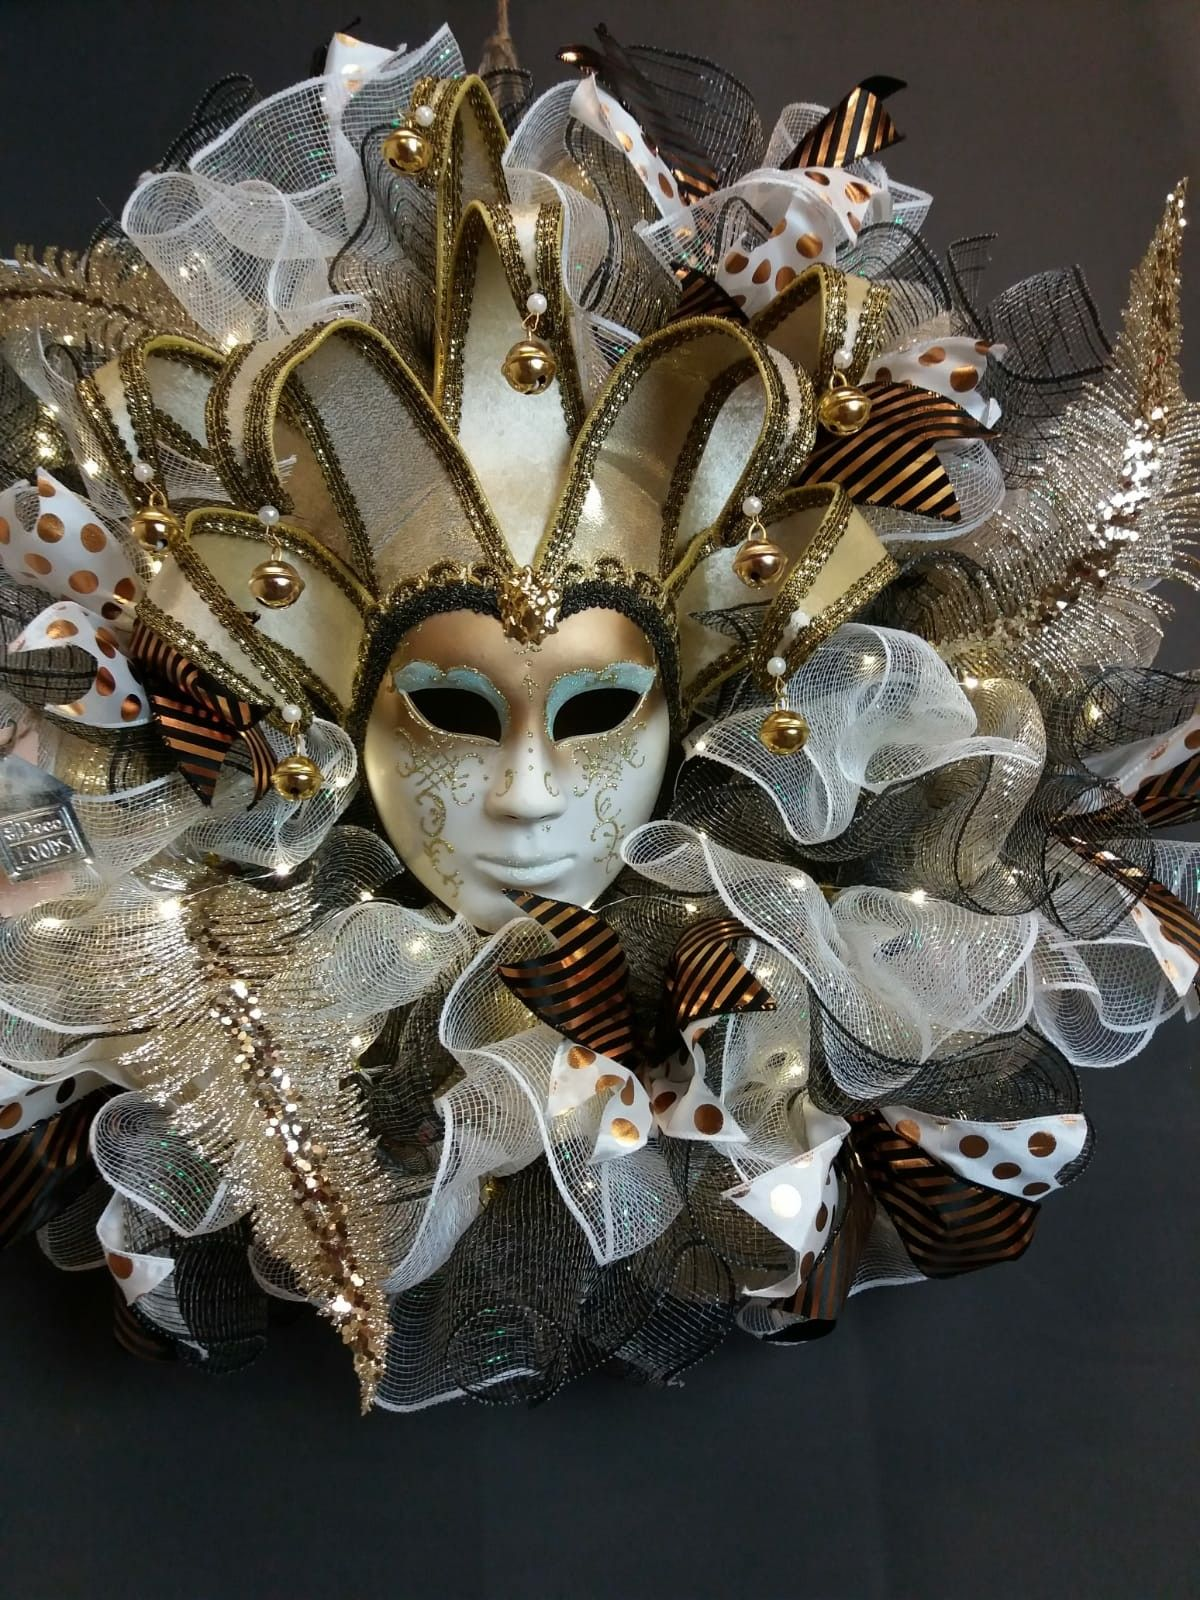 Groothandel Halloween Decoratie.Carnaval In Limburg De Deco Loods Groothandel In Decoratie Materialen En Leuke Ideeen Carnaval Decoraties Decoraties Carnaval